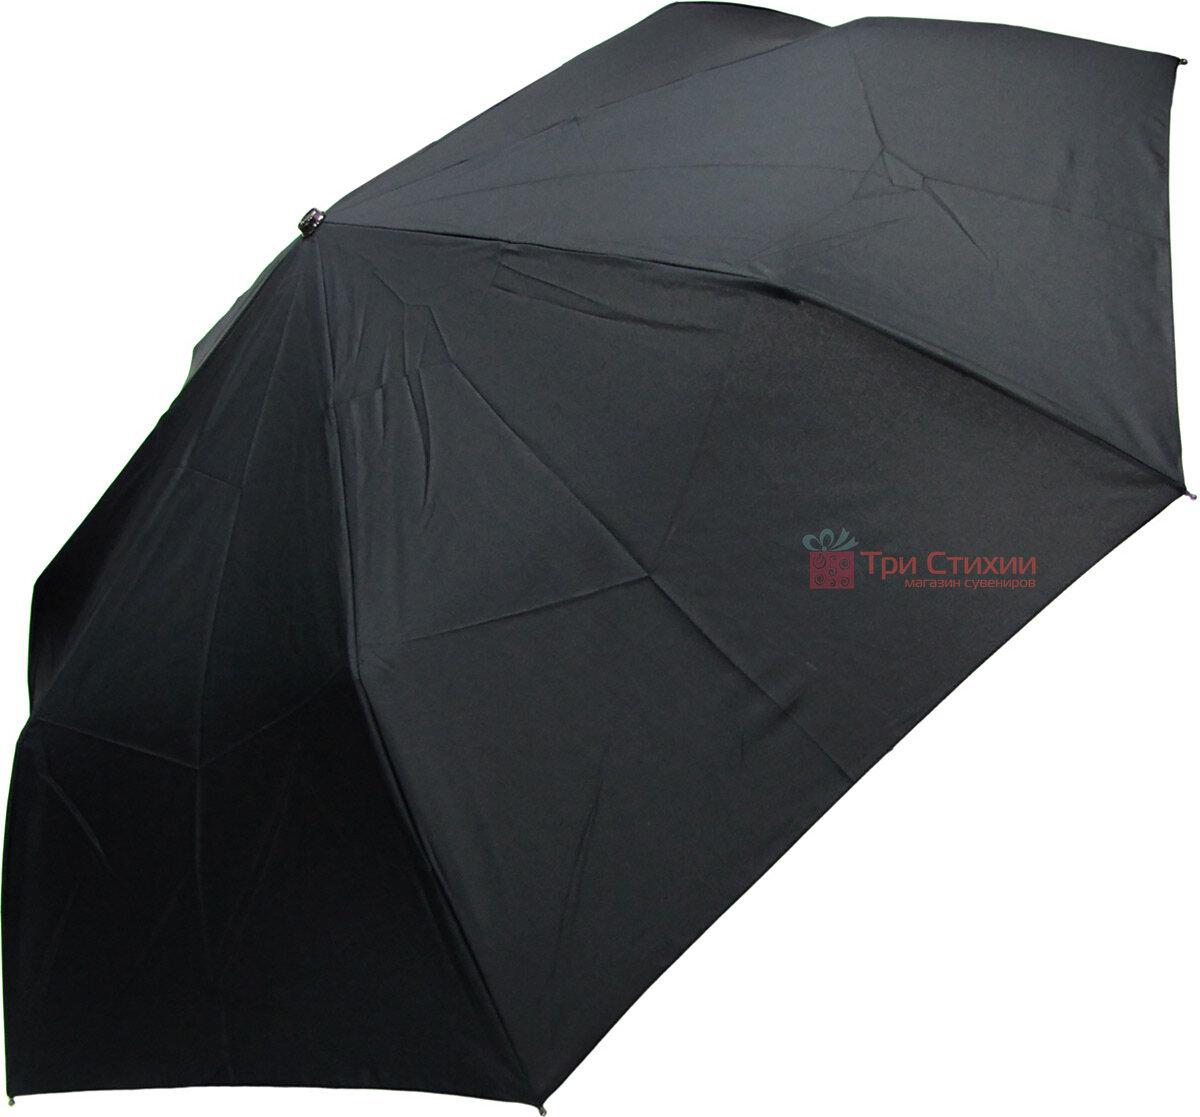 Зонт складной Doppler XM 74366N полный автомат Черный, фото 2